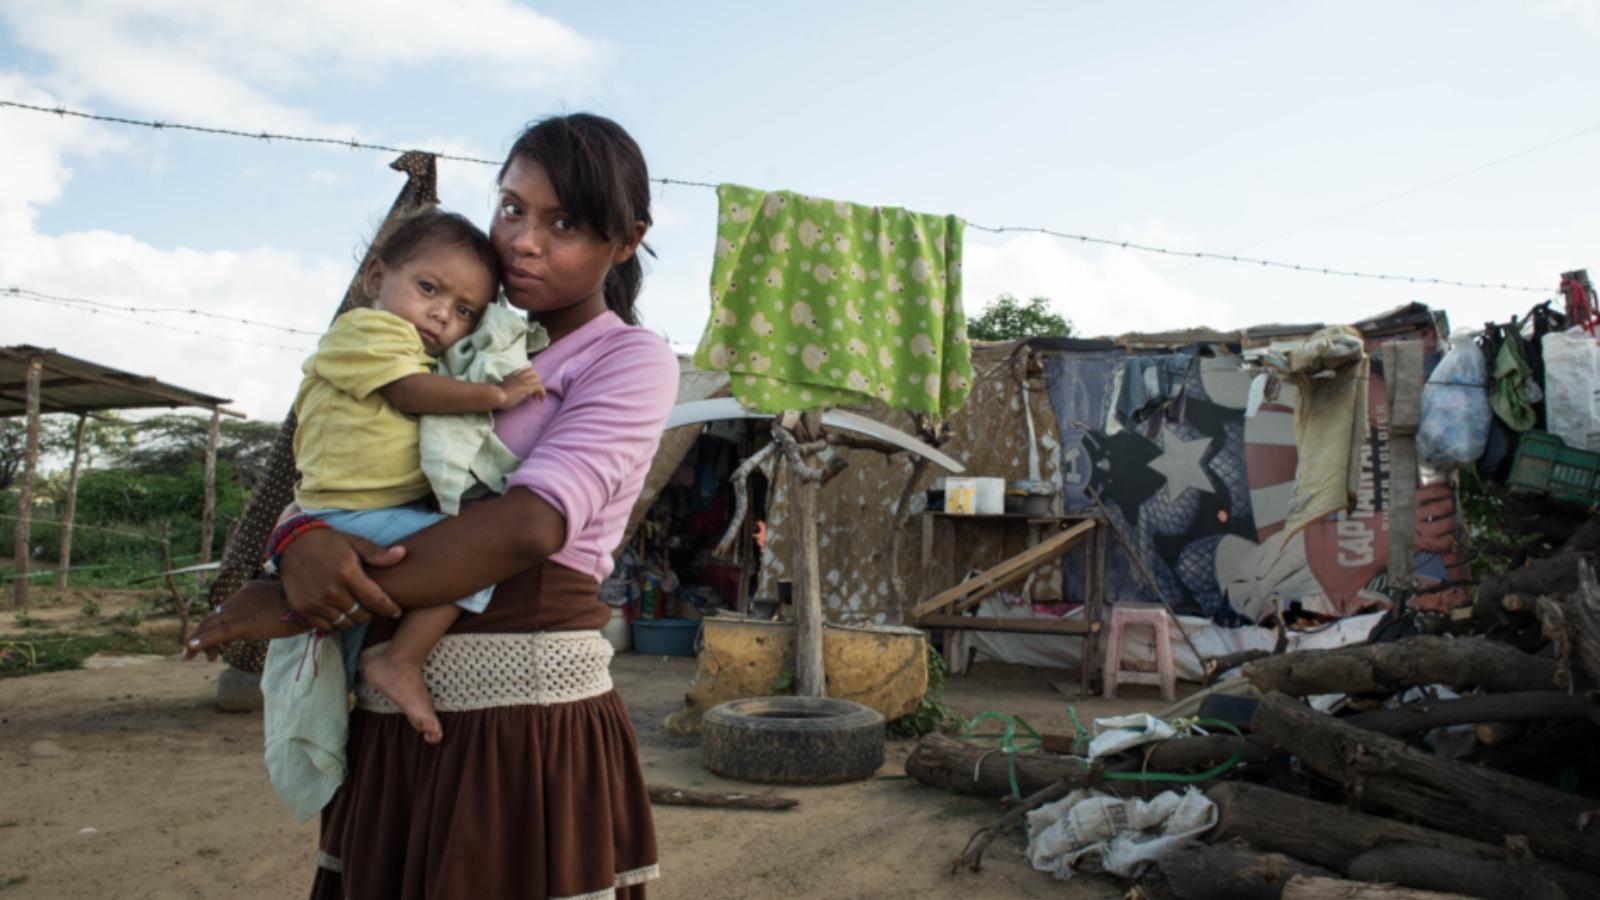 Unicef alerta que más de 300.000 niños venezolanos en Colombia necesitan ayuda